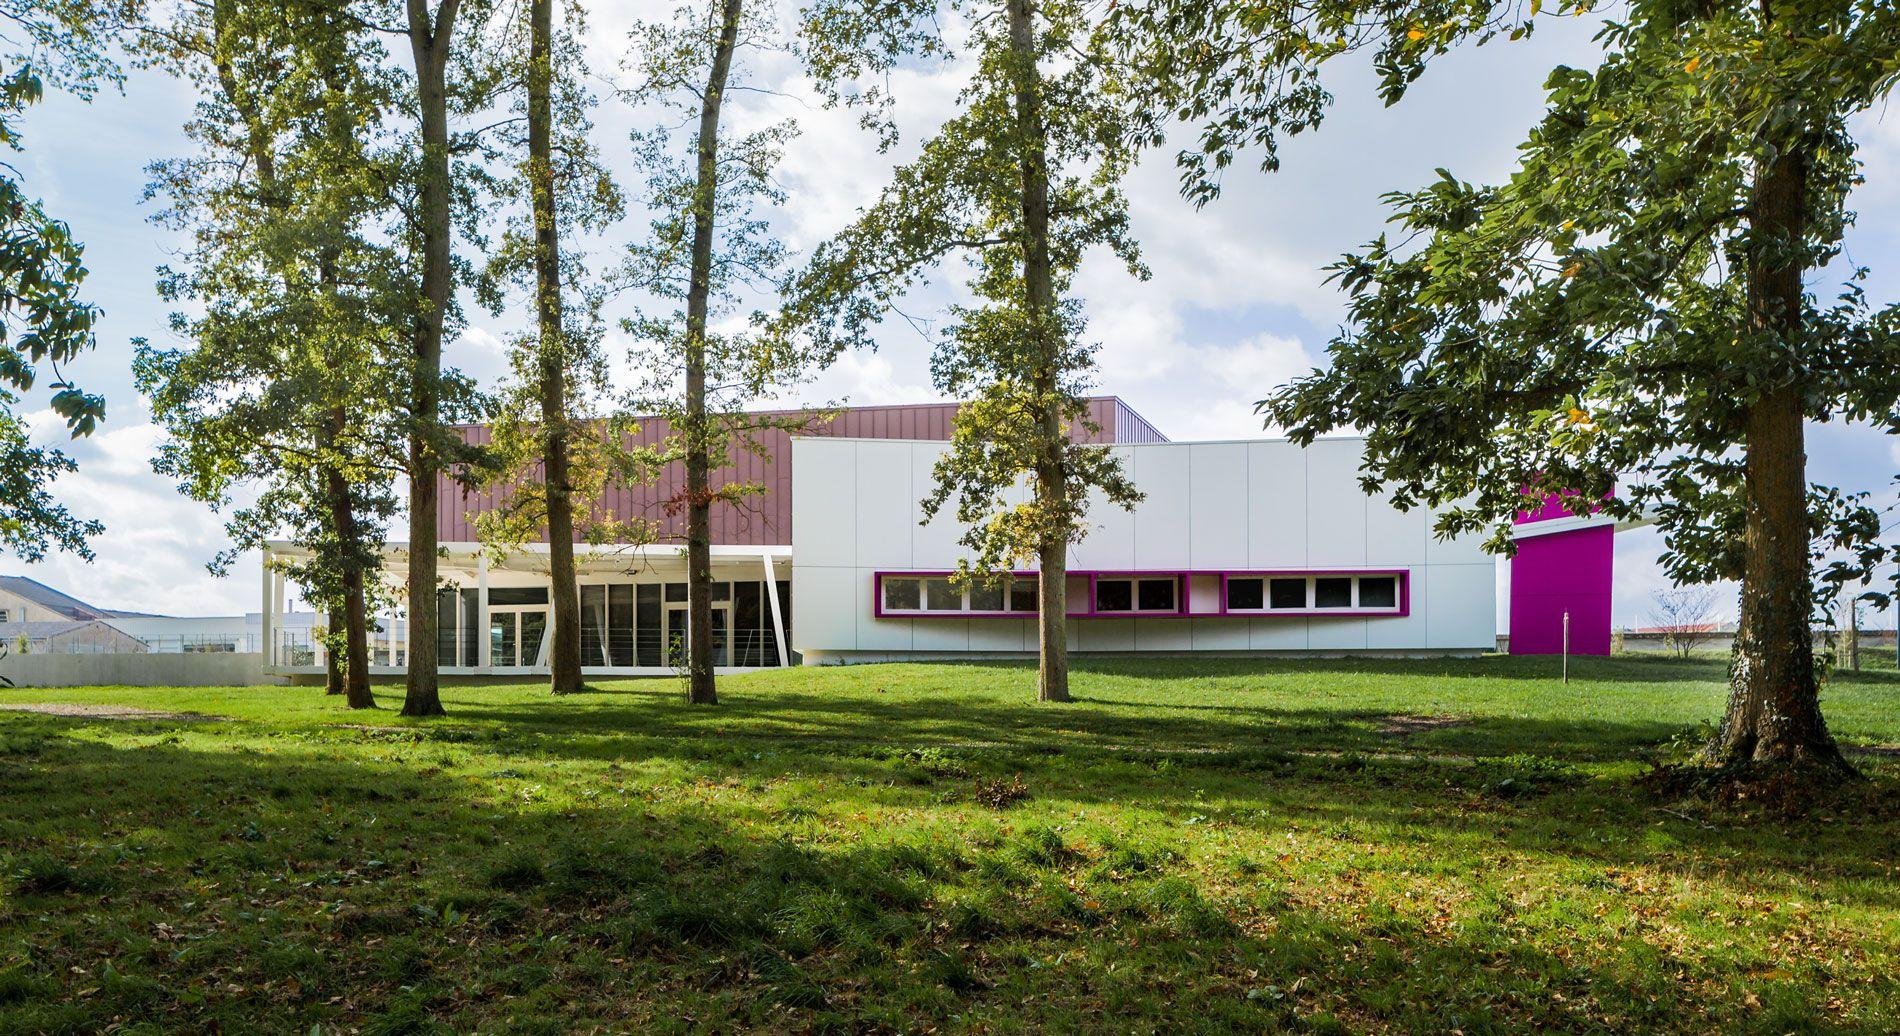 Salle multifonctions du Domaine des Loges - Parthenay (79) - Archi ...